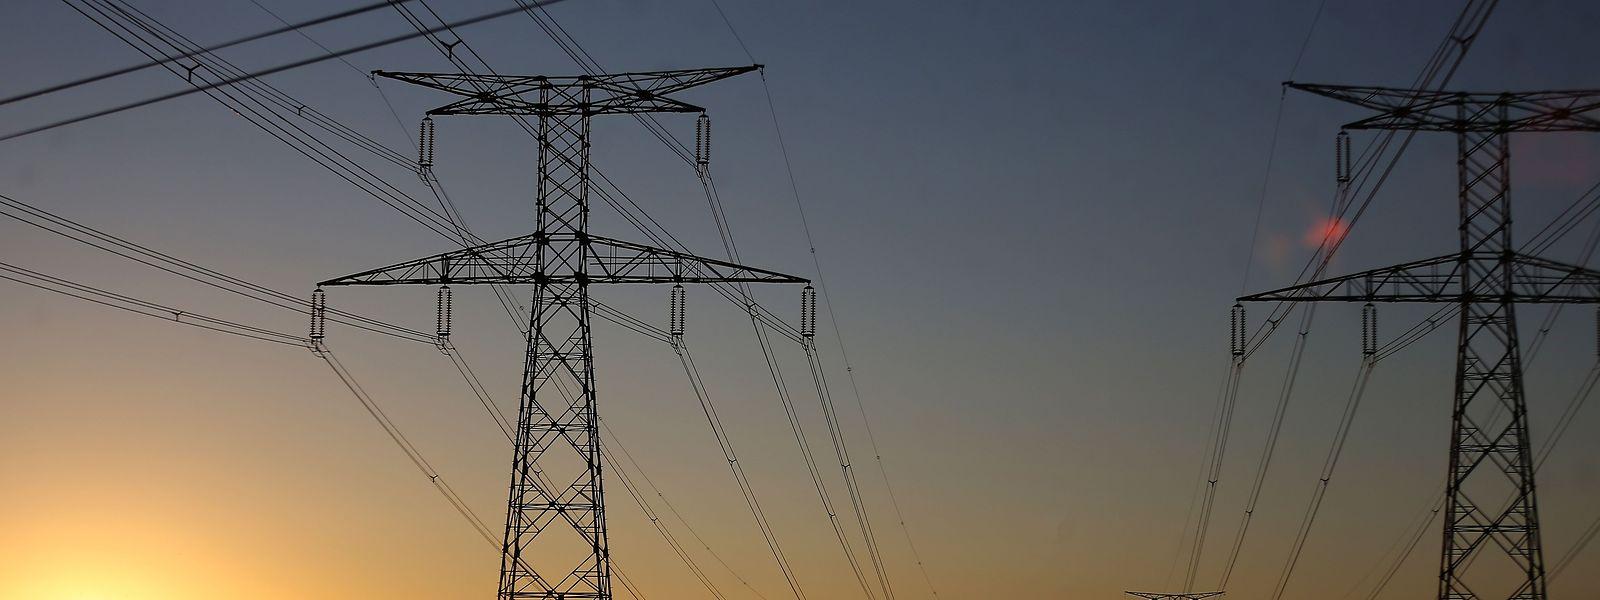 Durch eine engere Verzahnung der Netze soll die Stromversorgung zuverlässiger und günstiger werden.